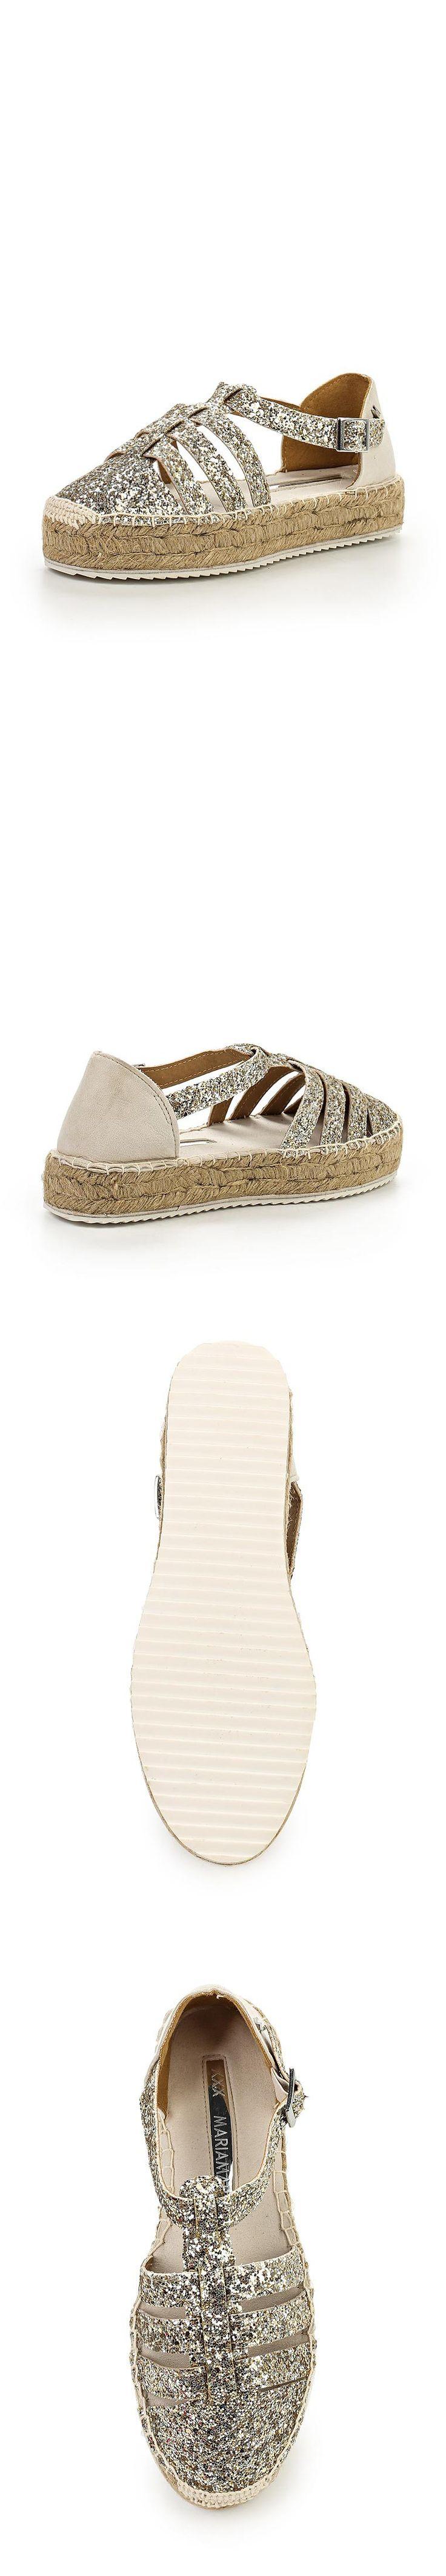 Женская обувь сандалии Mariamare за 3699.00 руб.